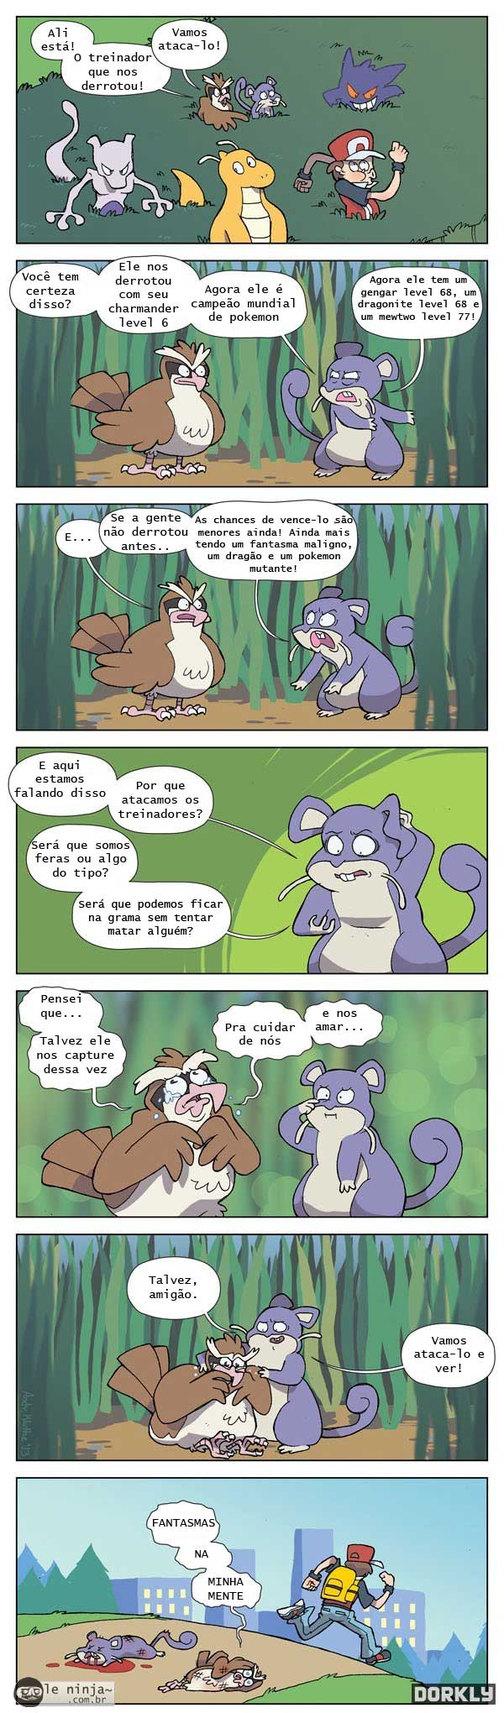 Pokemons ;-; - meme